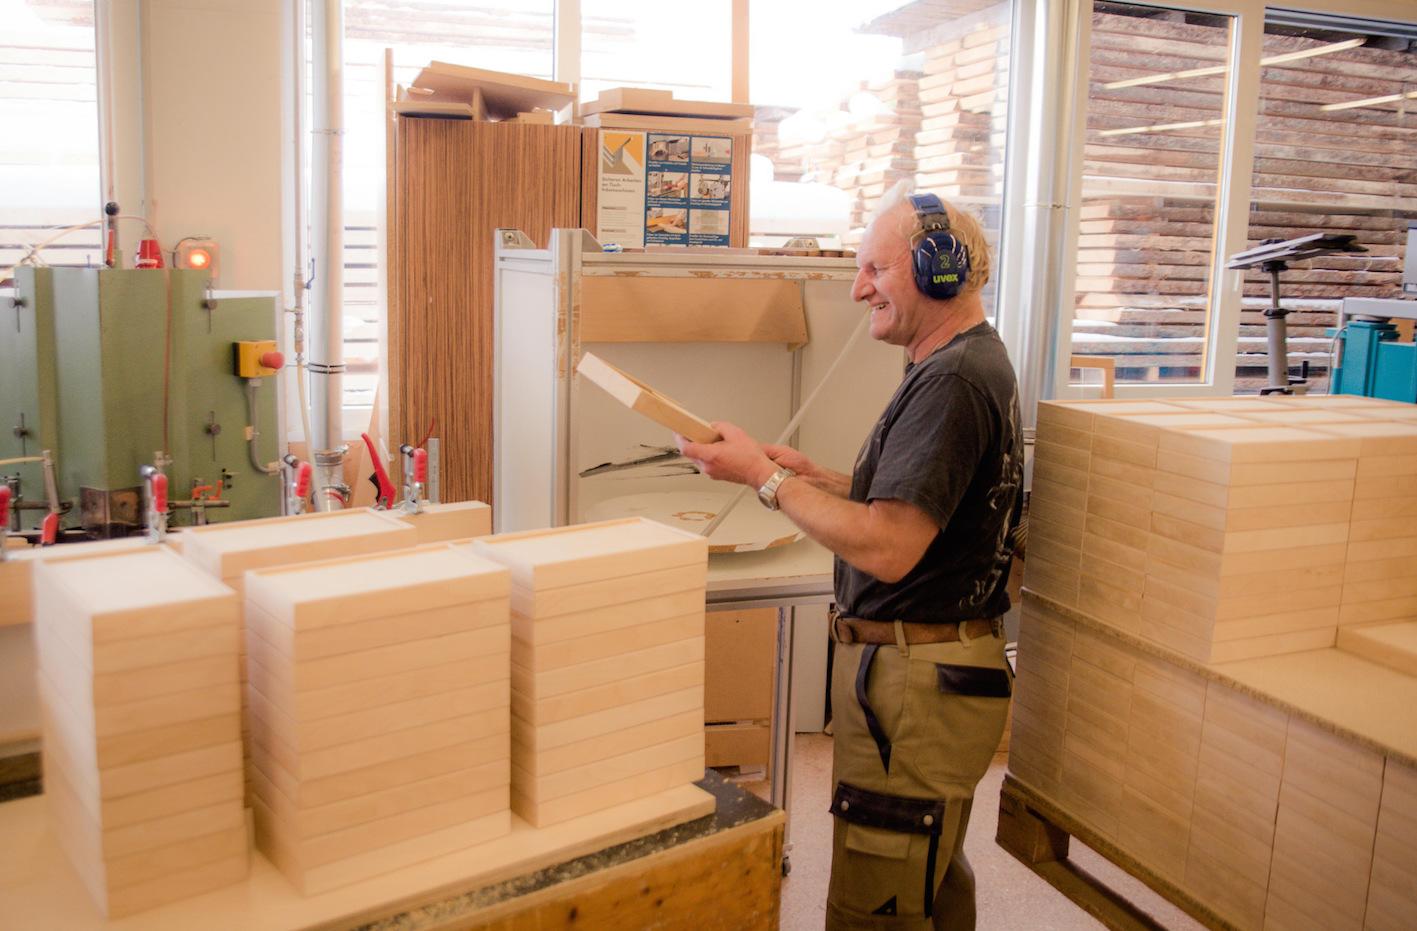 Handarbeit-Fertigung-Holzbox-de-Deutschland-Menschen-mit-Behinderung-02